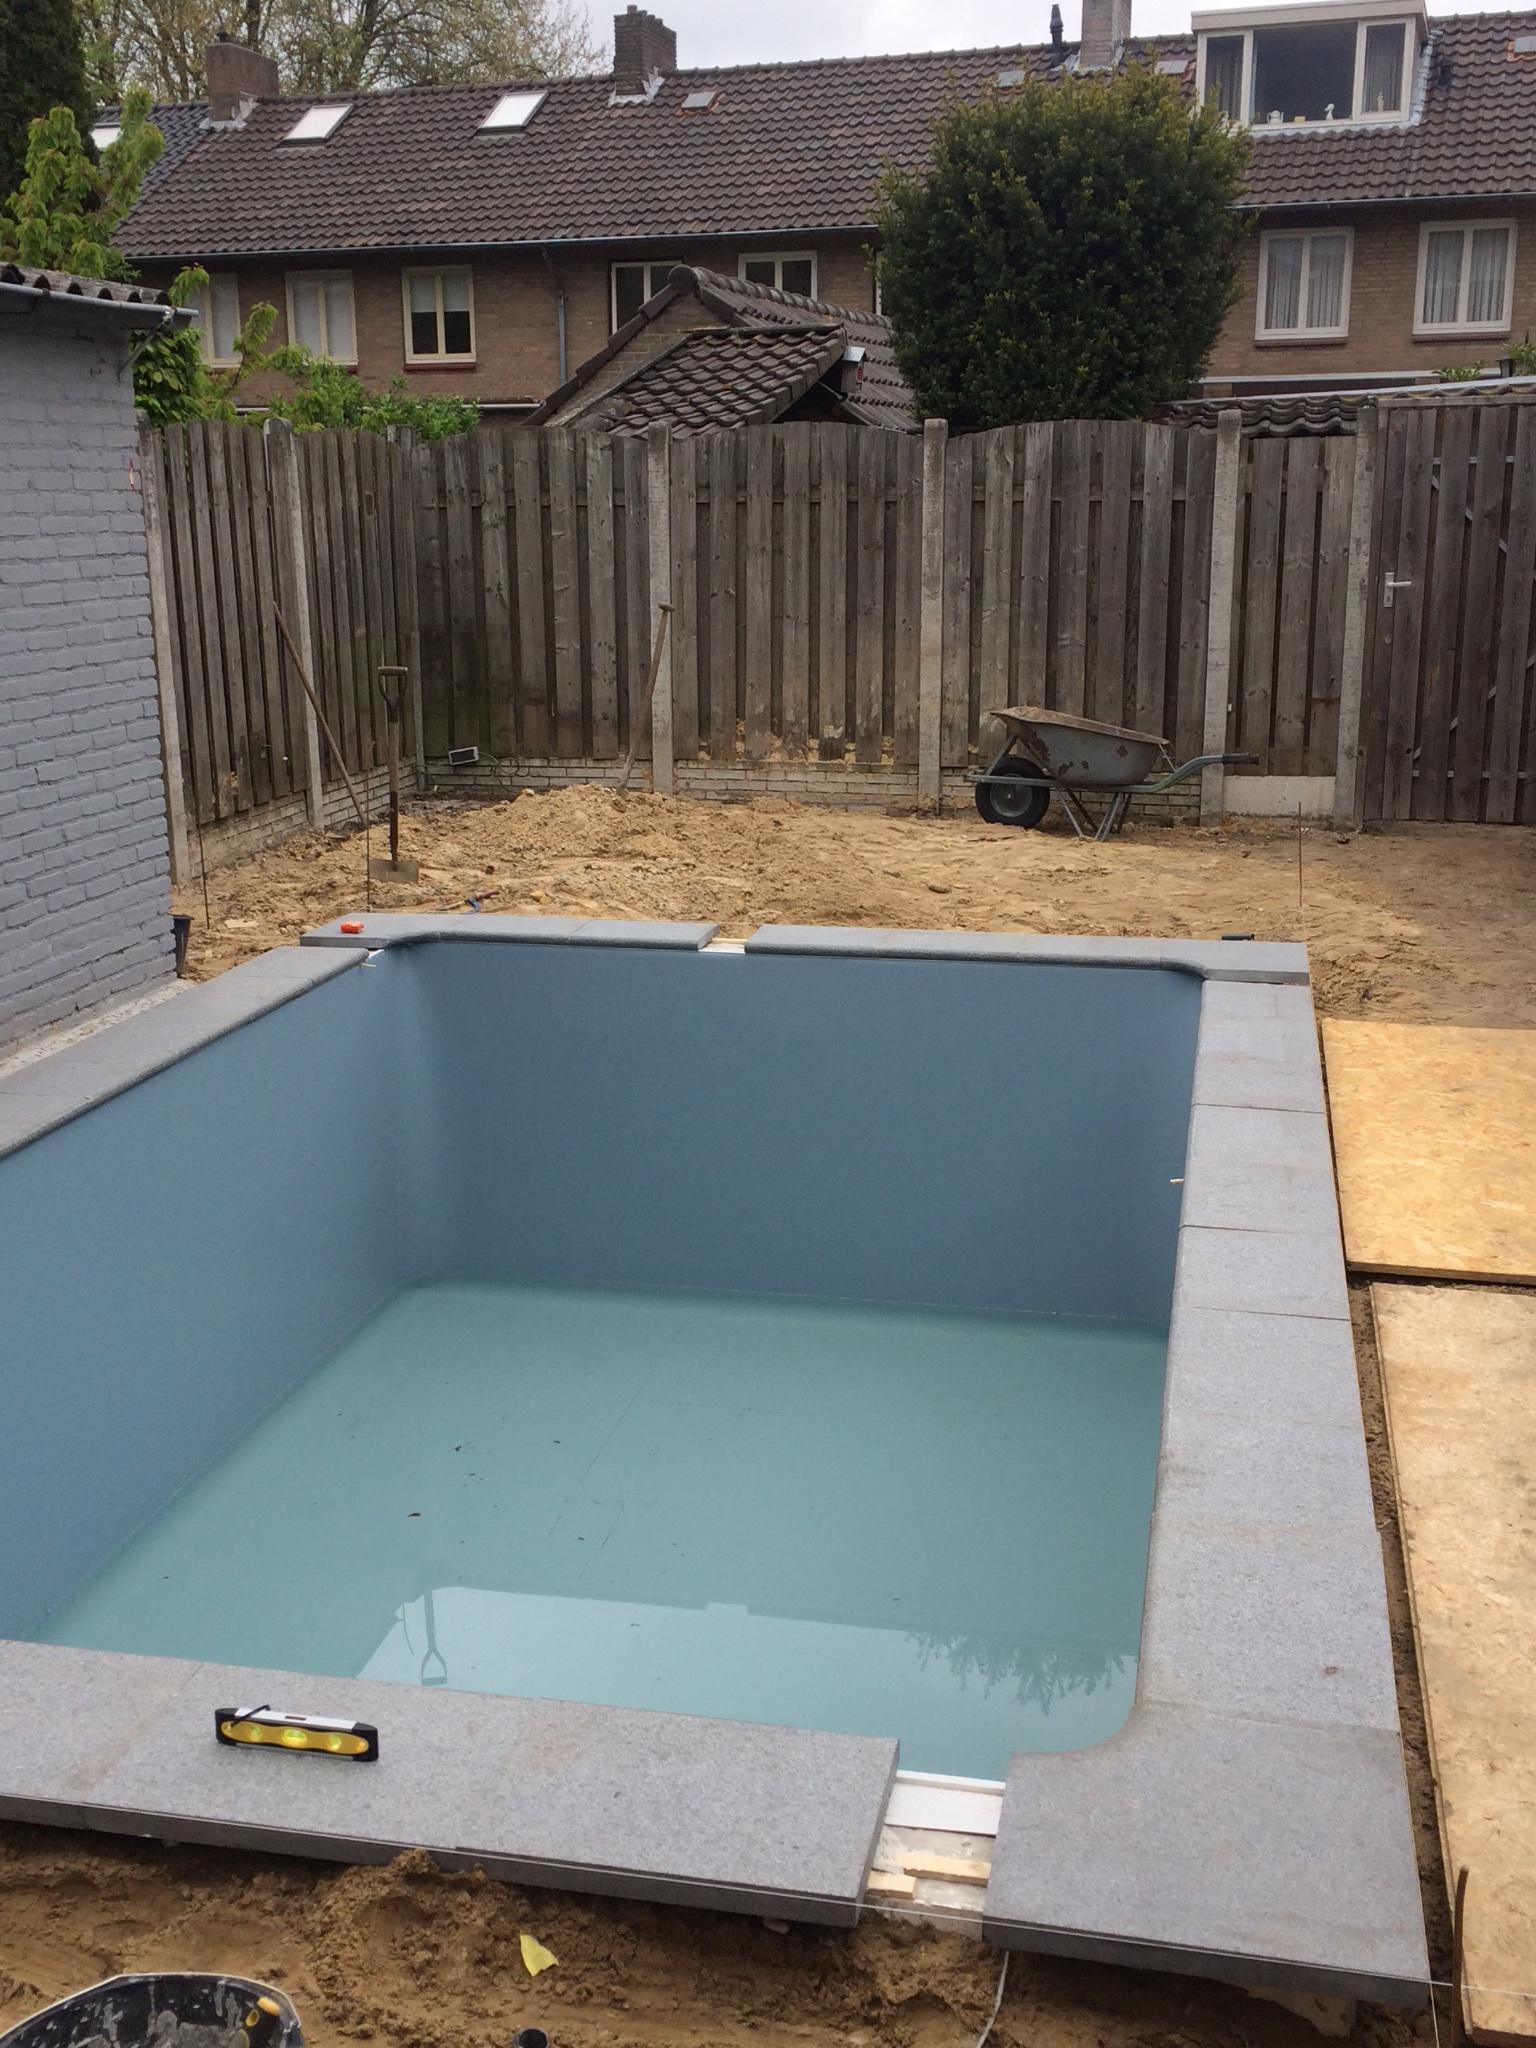 Randtegels zwembad plaatsen werkspot for Polyester zwembad plaatsen